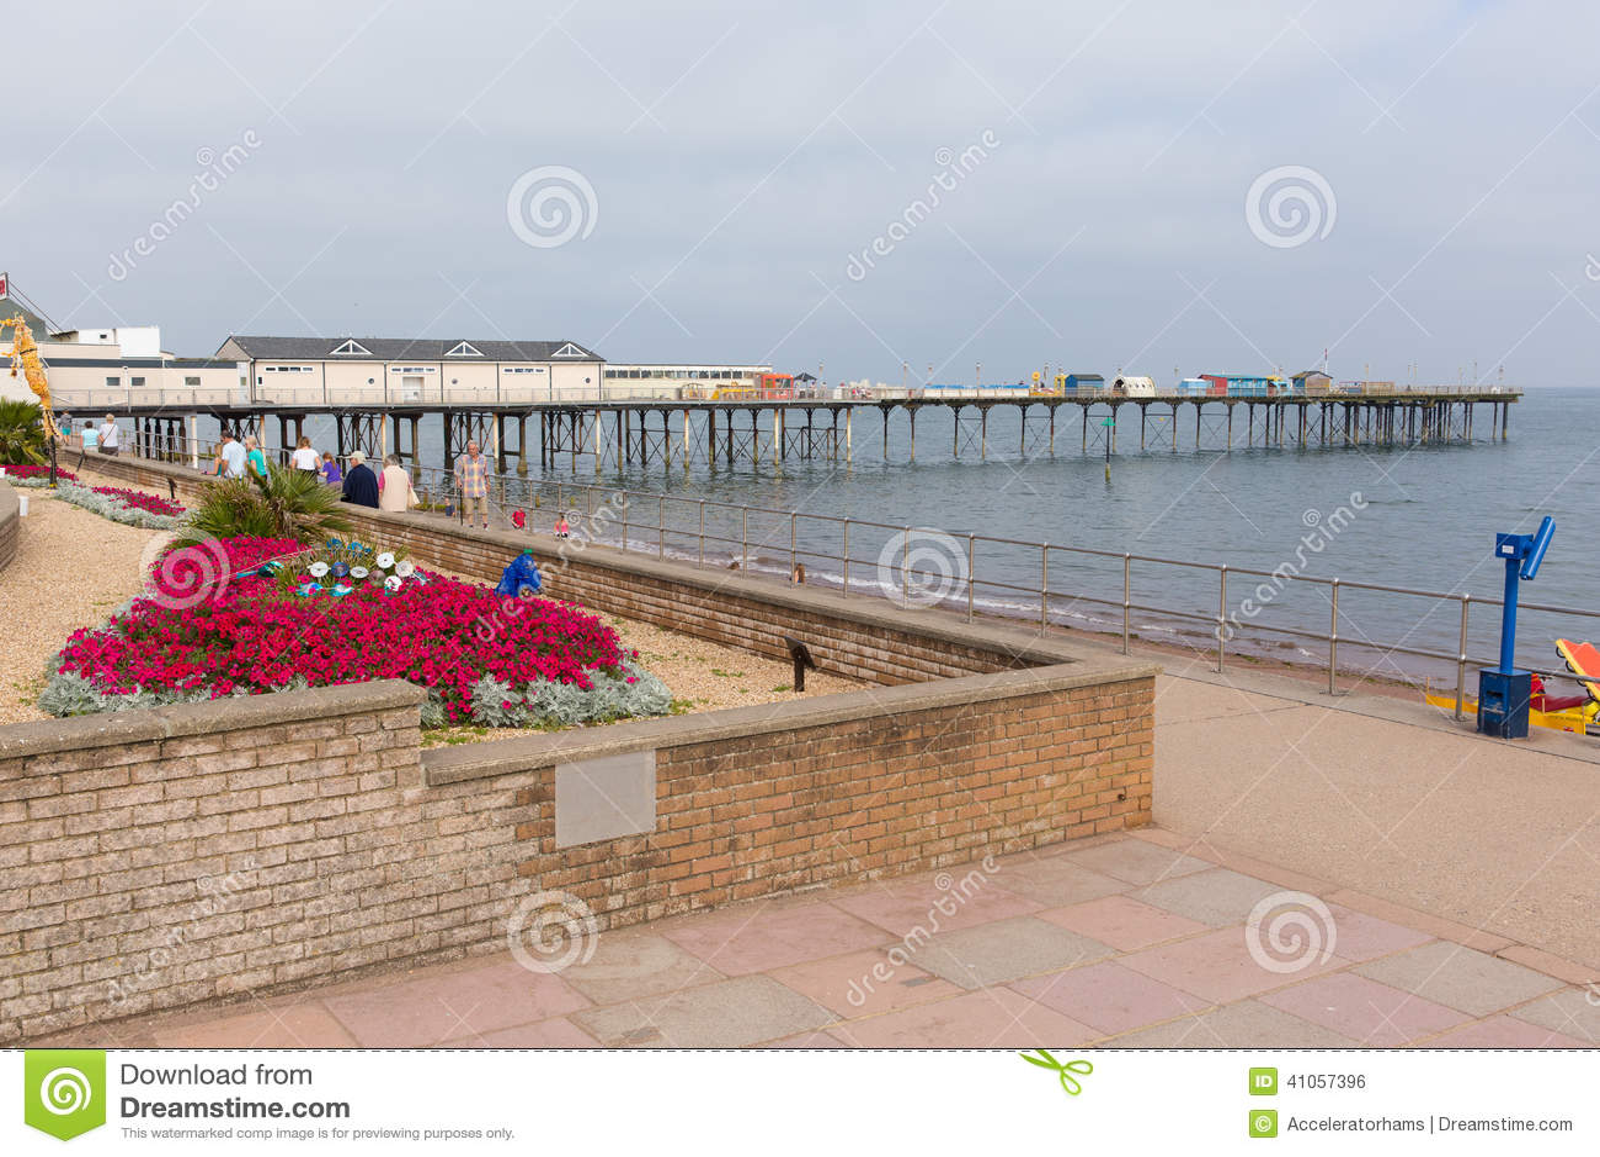 Красочная пристань Teignmouth цветков и отдыхающих и пляж Девон Англия Великобритания